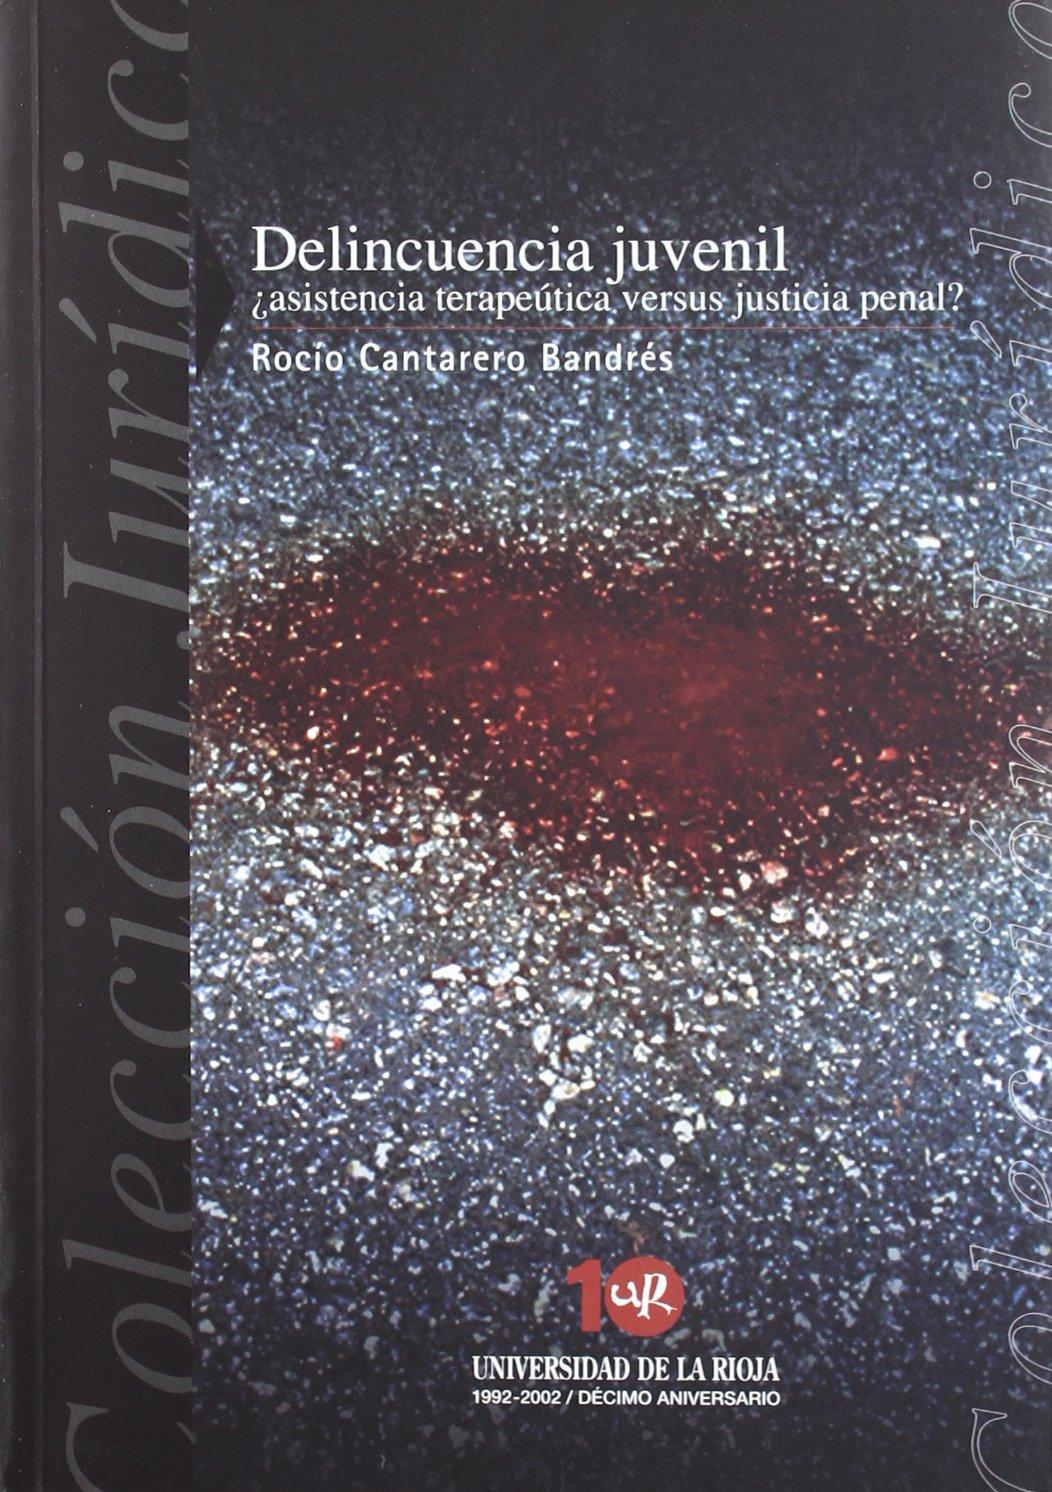 Delincuencia juvenil: ¿Asistencia terapeútica versus justicia penal? Colección Jurídica: Amazon.es: Rocío Cantarero Bandrés: Libros